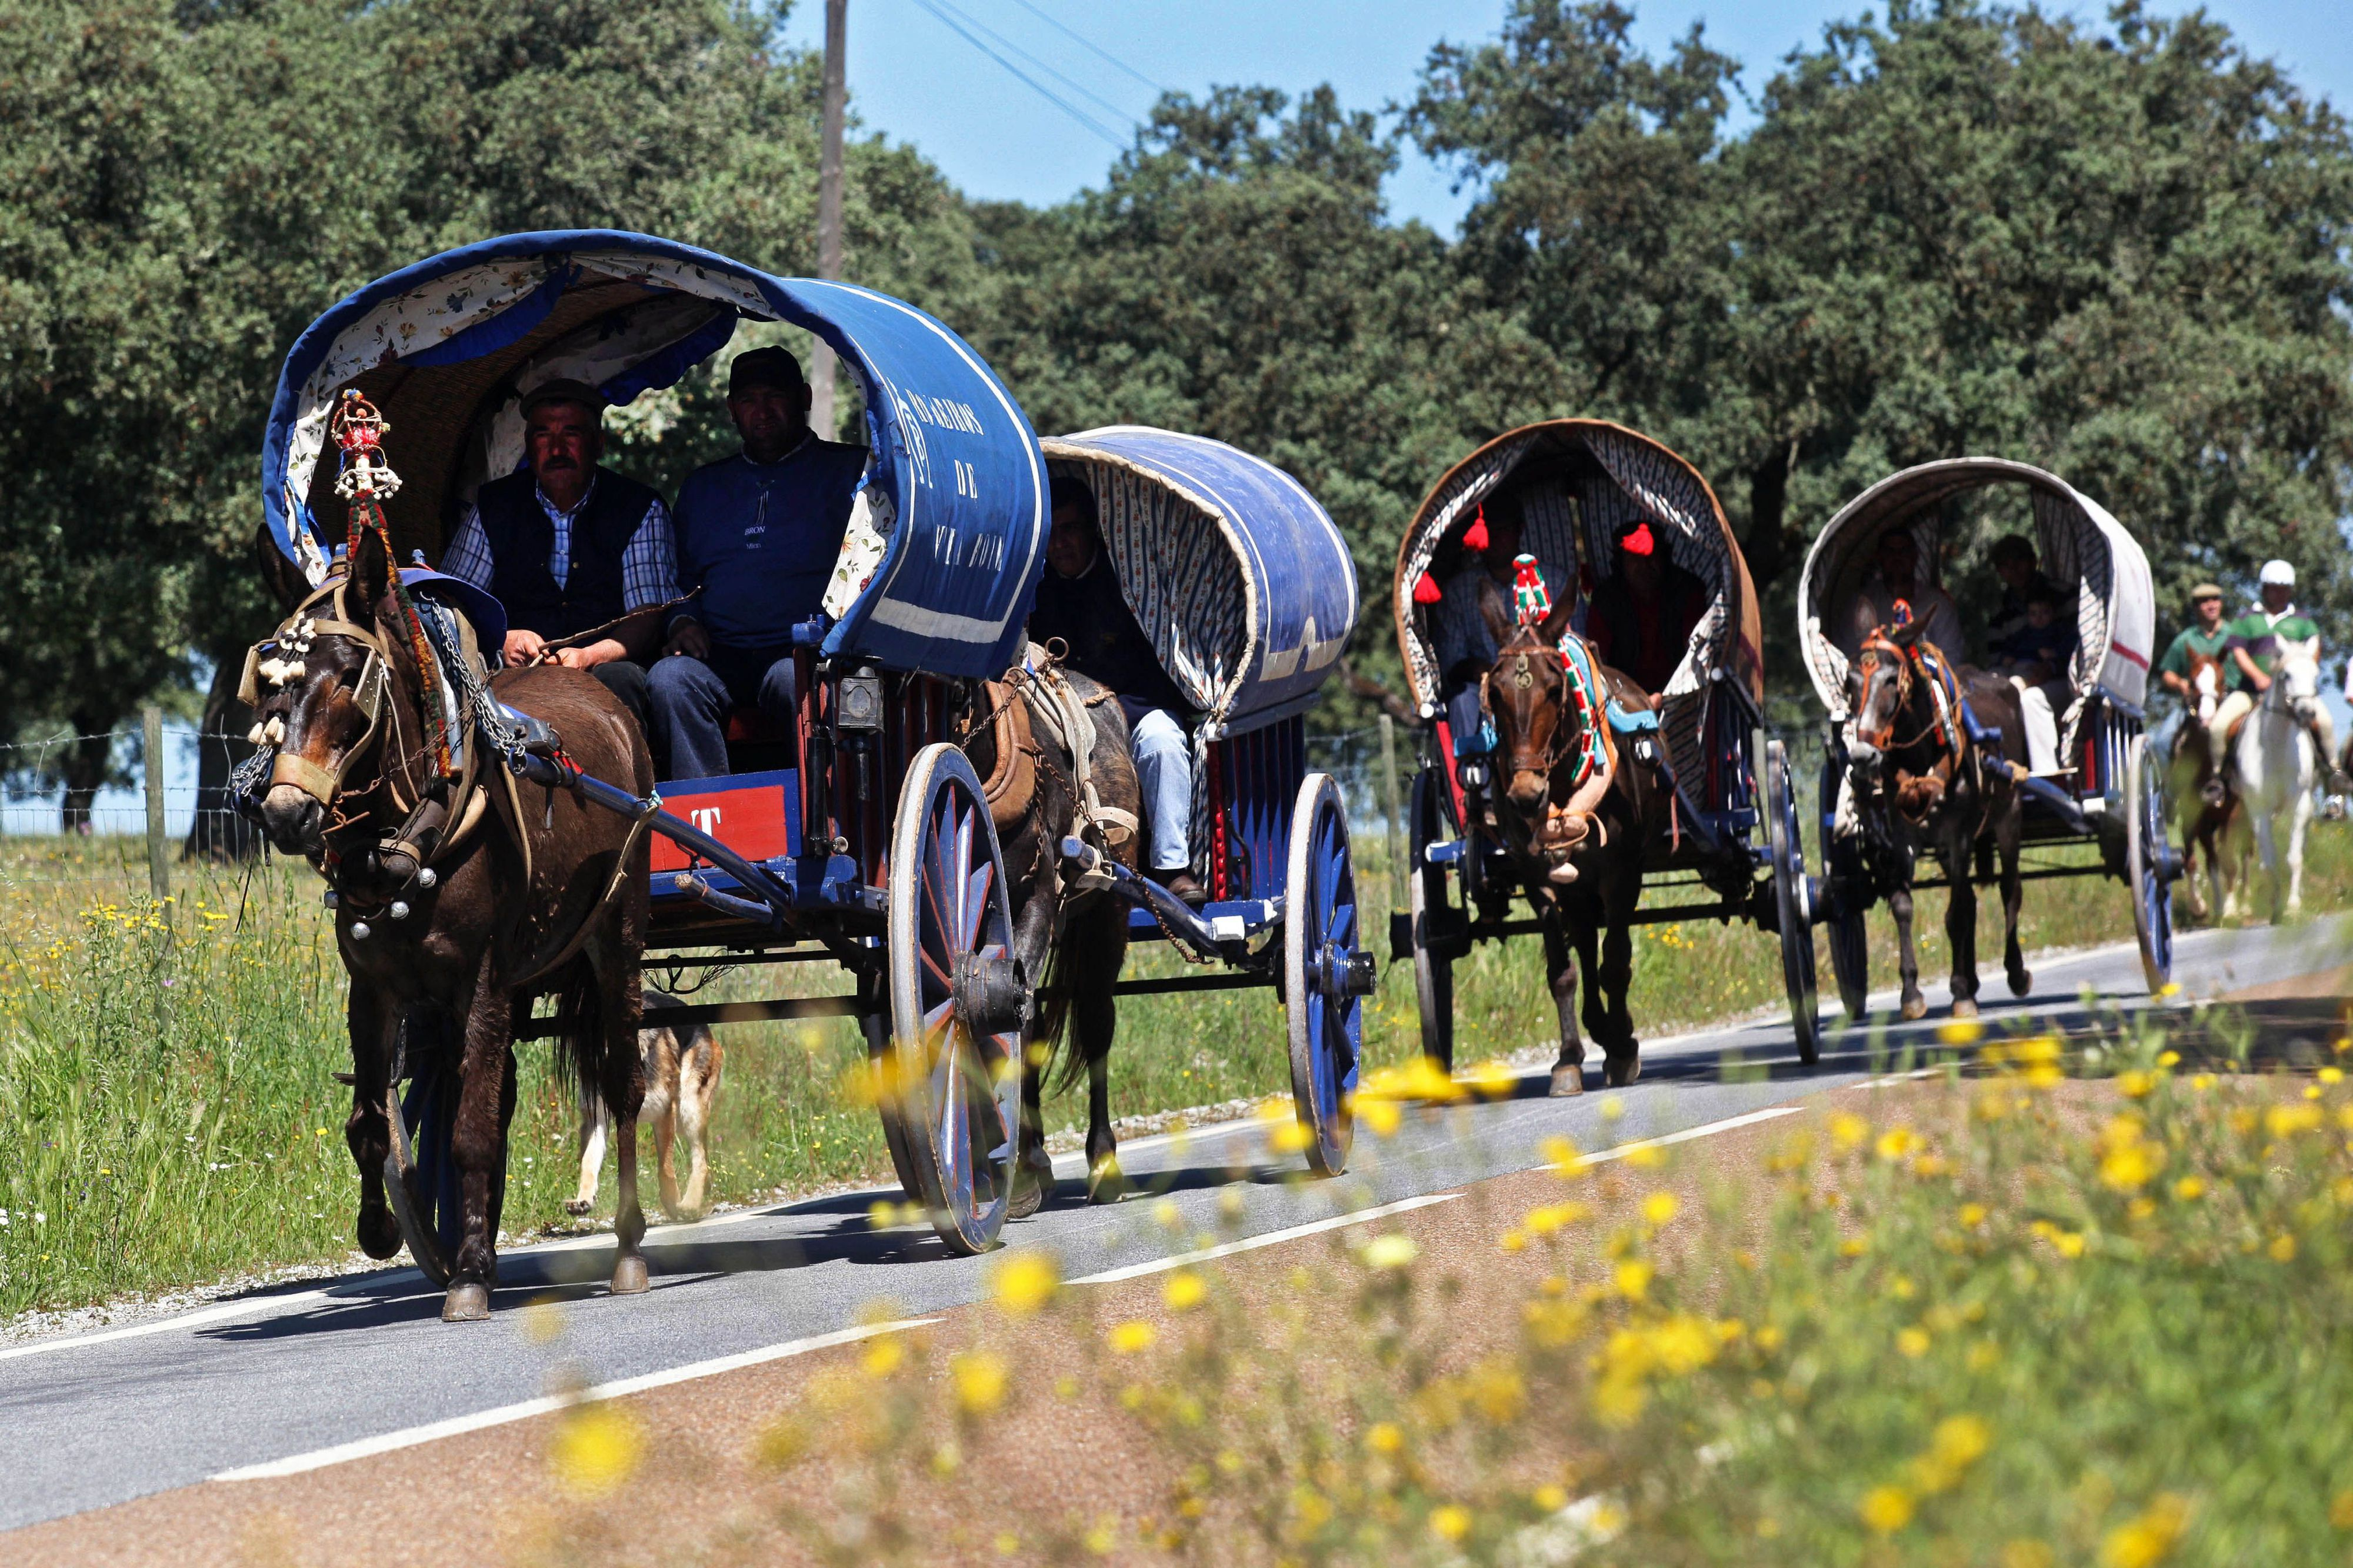 Mais de 300 pessoas participam na romaria a cavalo entre a Moita e Viana do Alentejo